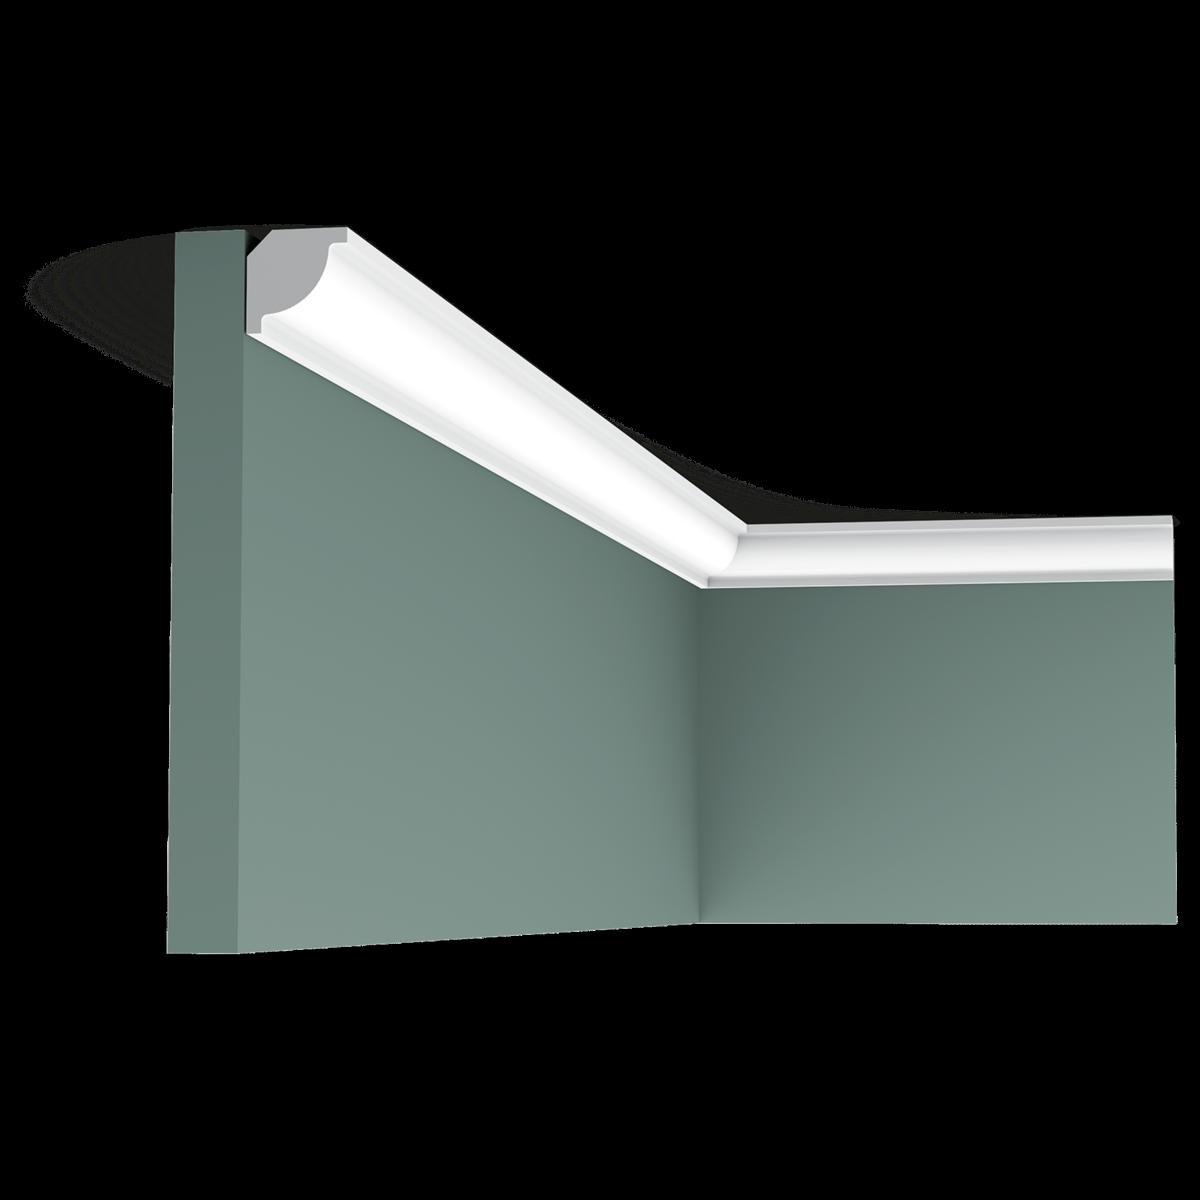 Goulotte Pour Plafond cx132 corniche plafond orac decor axxent - 2x2x200cm (h x p x l) - moulure  décorative